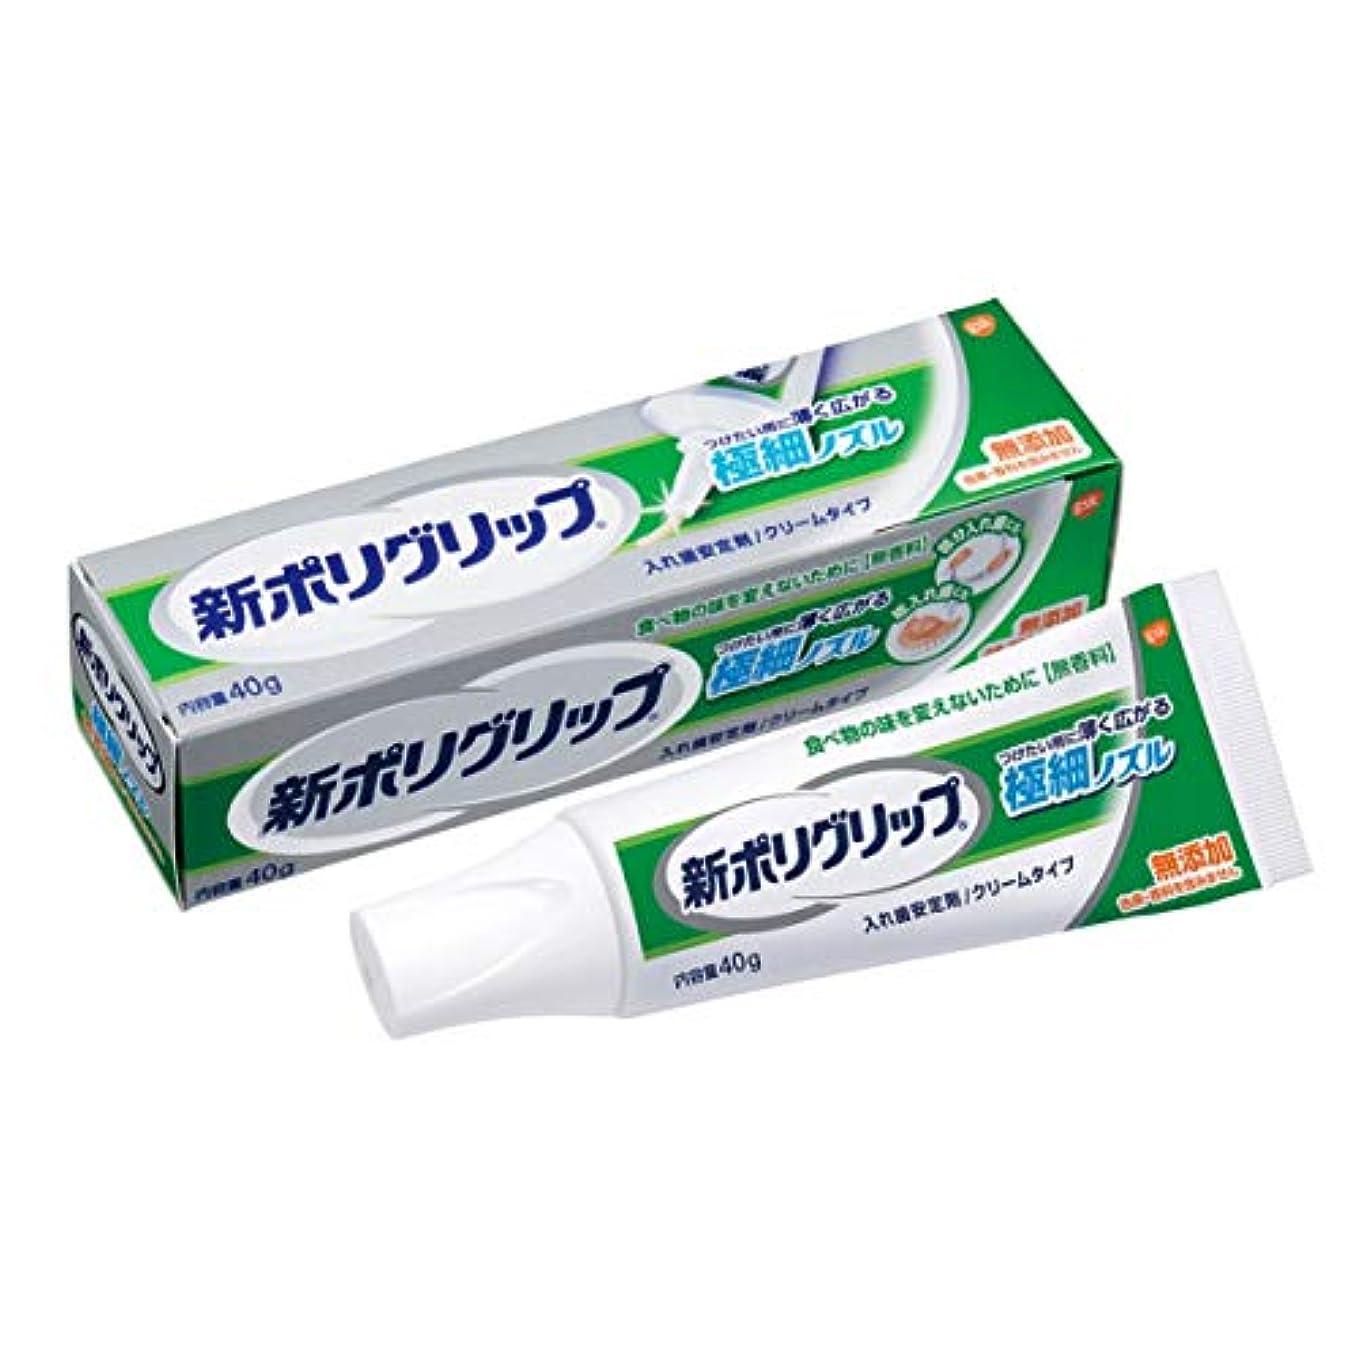 連帯コンクリート増幅部分・総入れ歯安定剤 新ポリグリップ極細ノズル 無添加 40g